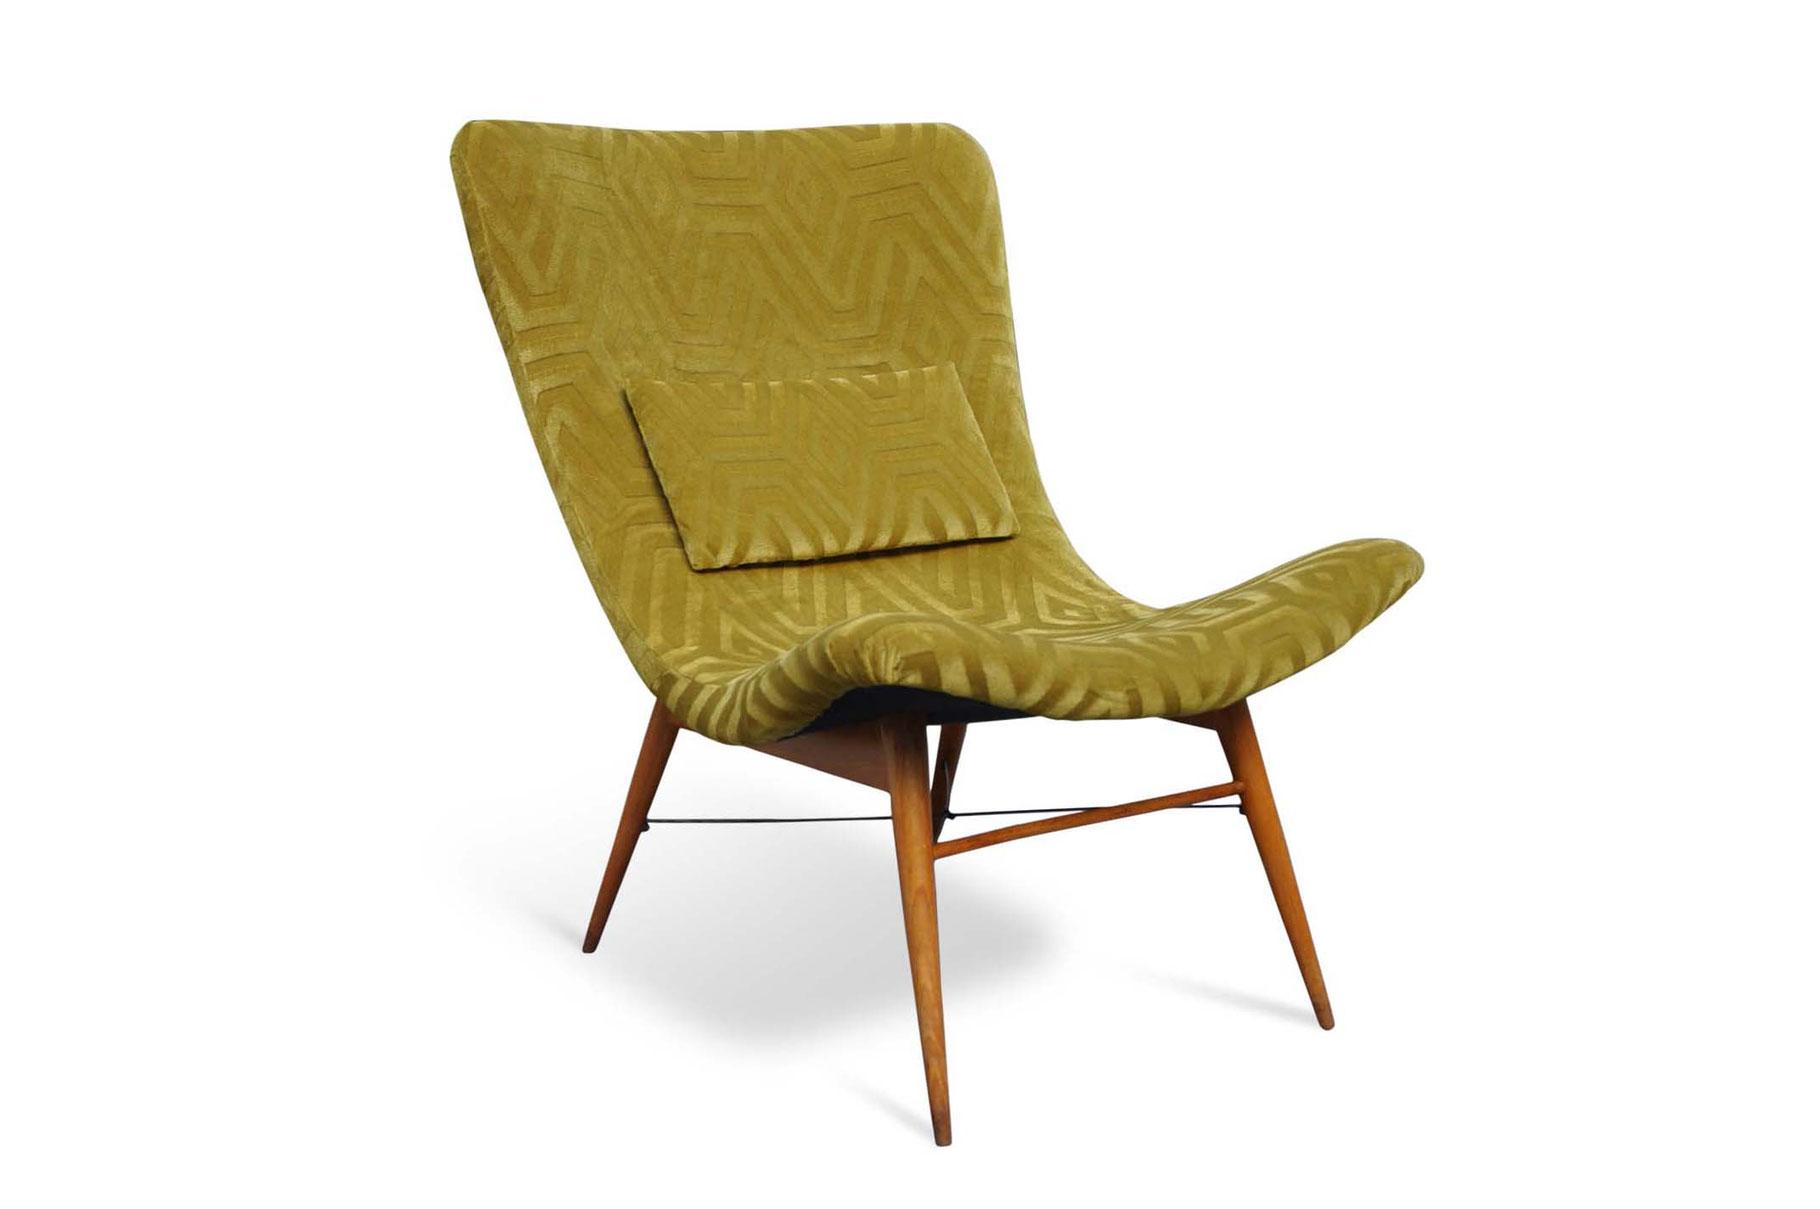 Poltrone vintage anni 50 modernariato italian vintage sofa for Poltrona design anni 50